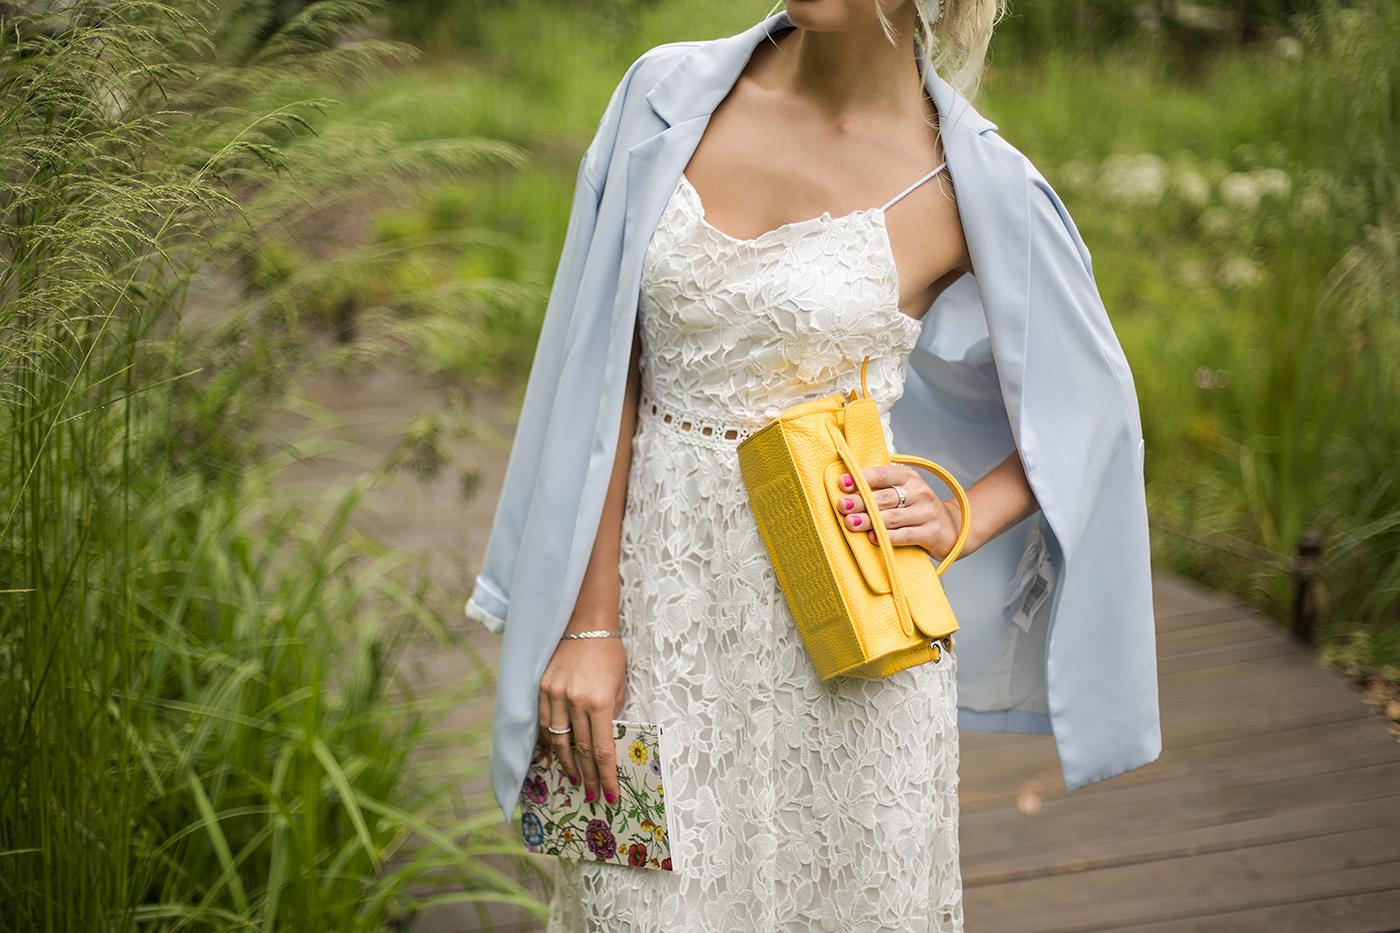 inspiration, streetstyle, spring outfit, summer outfit, annamidday, moscow fashion week, top fashion blogger, top russian fashion blogger, фэшн блогер, русский блогер, известный блогер, топовый блогер, russian bloger, top russian blogger, streetfashion, russian fashion blogger, blogger, fashion, style, fashionista, модный блогер, российский блогер, ТОП блогер, ootd, lookoftheday, look, популярный блогер, российский модный блогер, russian girl, с чем носить кружевные вещи, с чем носить белое кружевное платье, цветовые сочетания, streetstyle, красивая девушка, Анна миддэй, анна мидэй, девушка в очках, как сочетать пастельные оттенки, тренды осень 2017, что будет можно этой осенью, модные образы, с чем сочетать кружево, nina zanellato, сумки zanellato, кашемир и шелк, chicwish, chicwish crochet dress